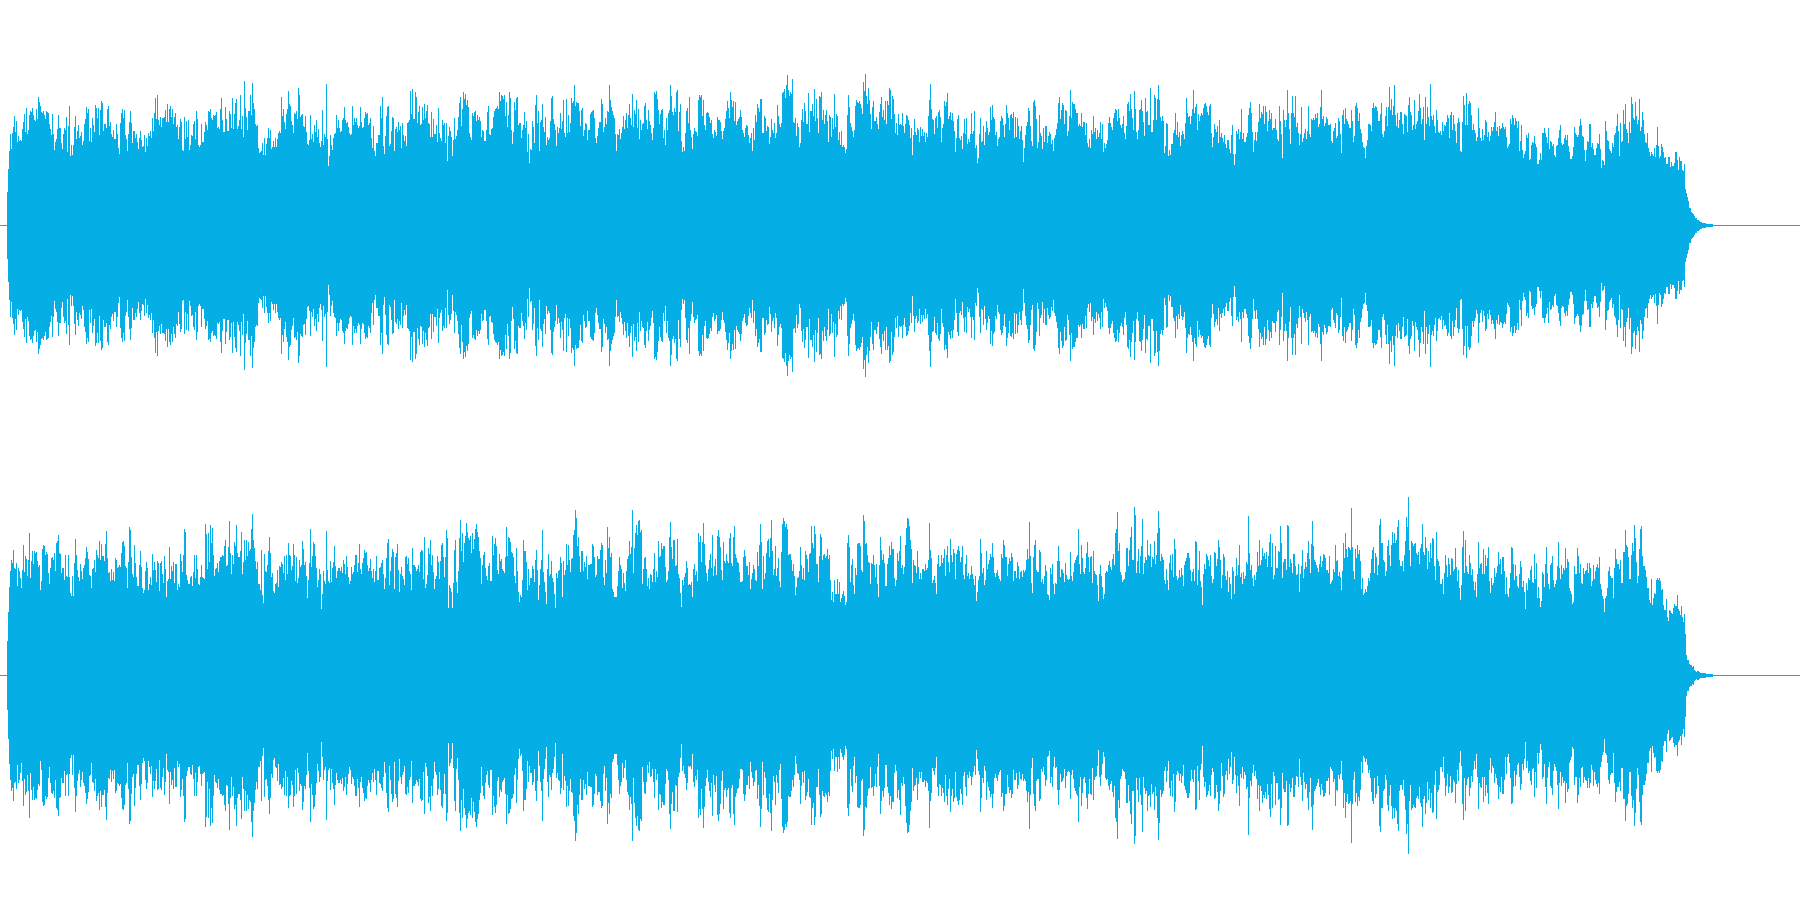 穏やかなオーケストラ風のアンビエントの再生済みの波形